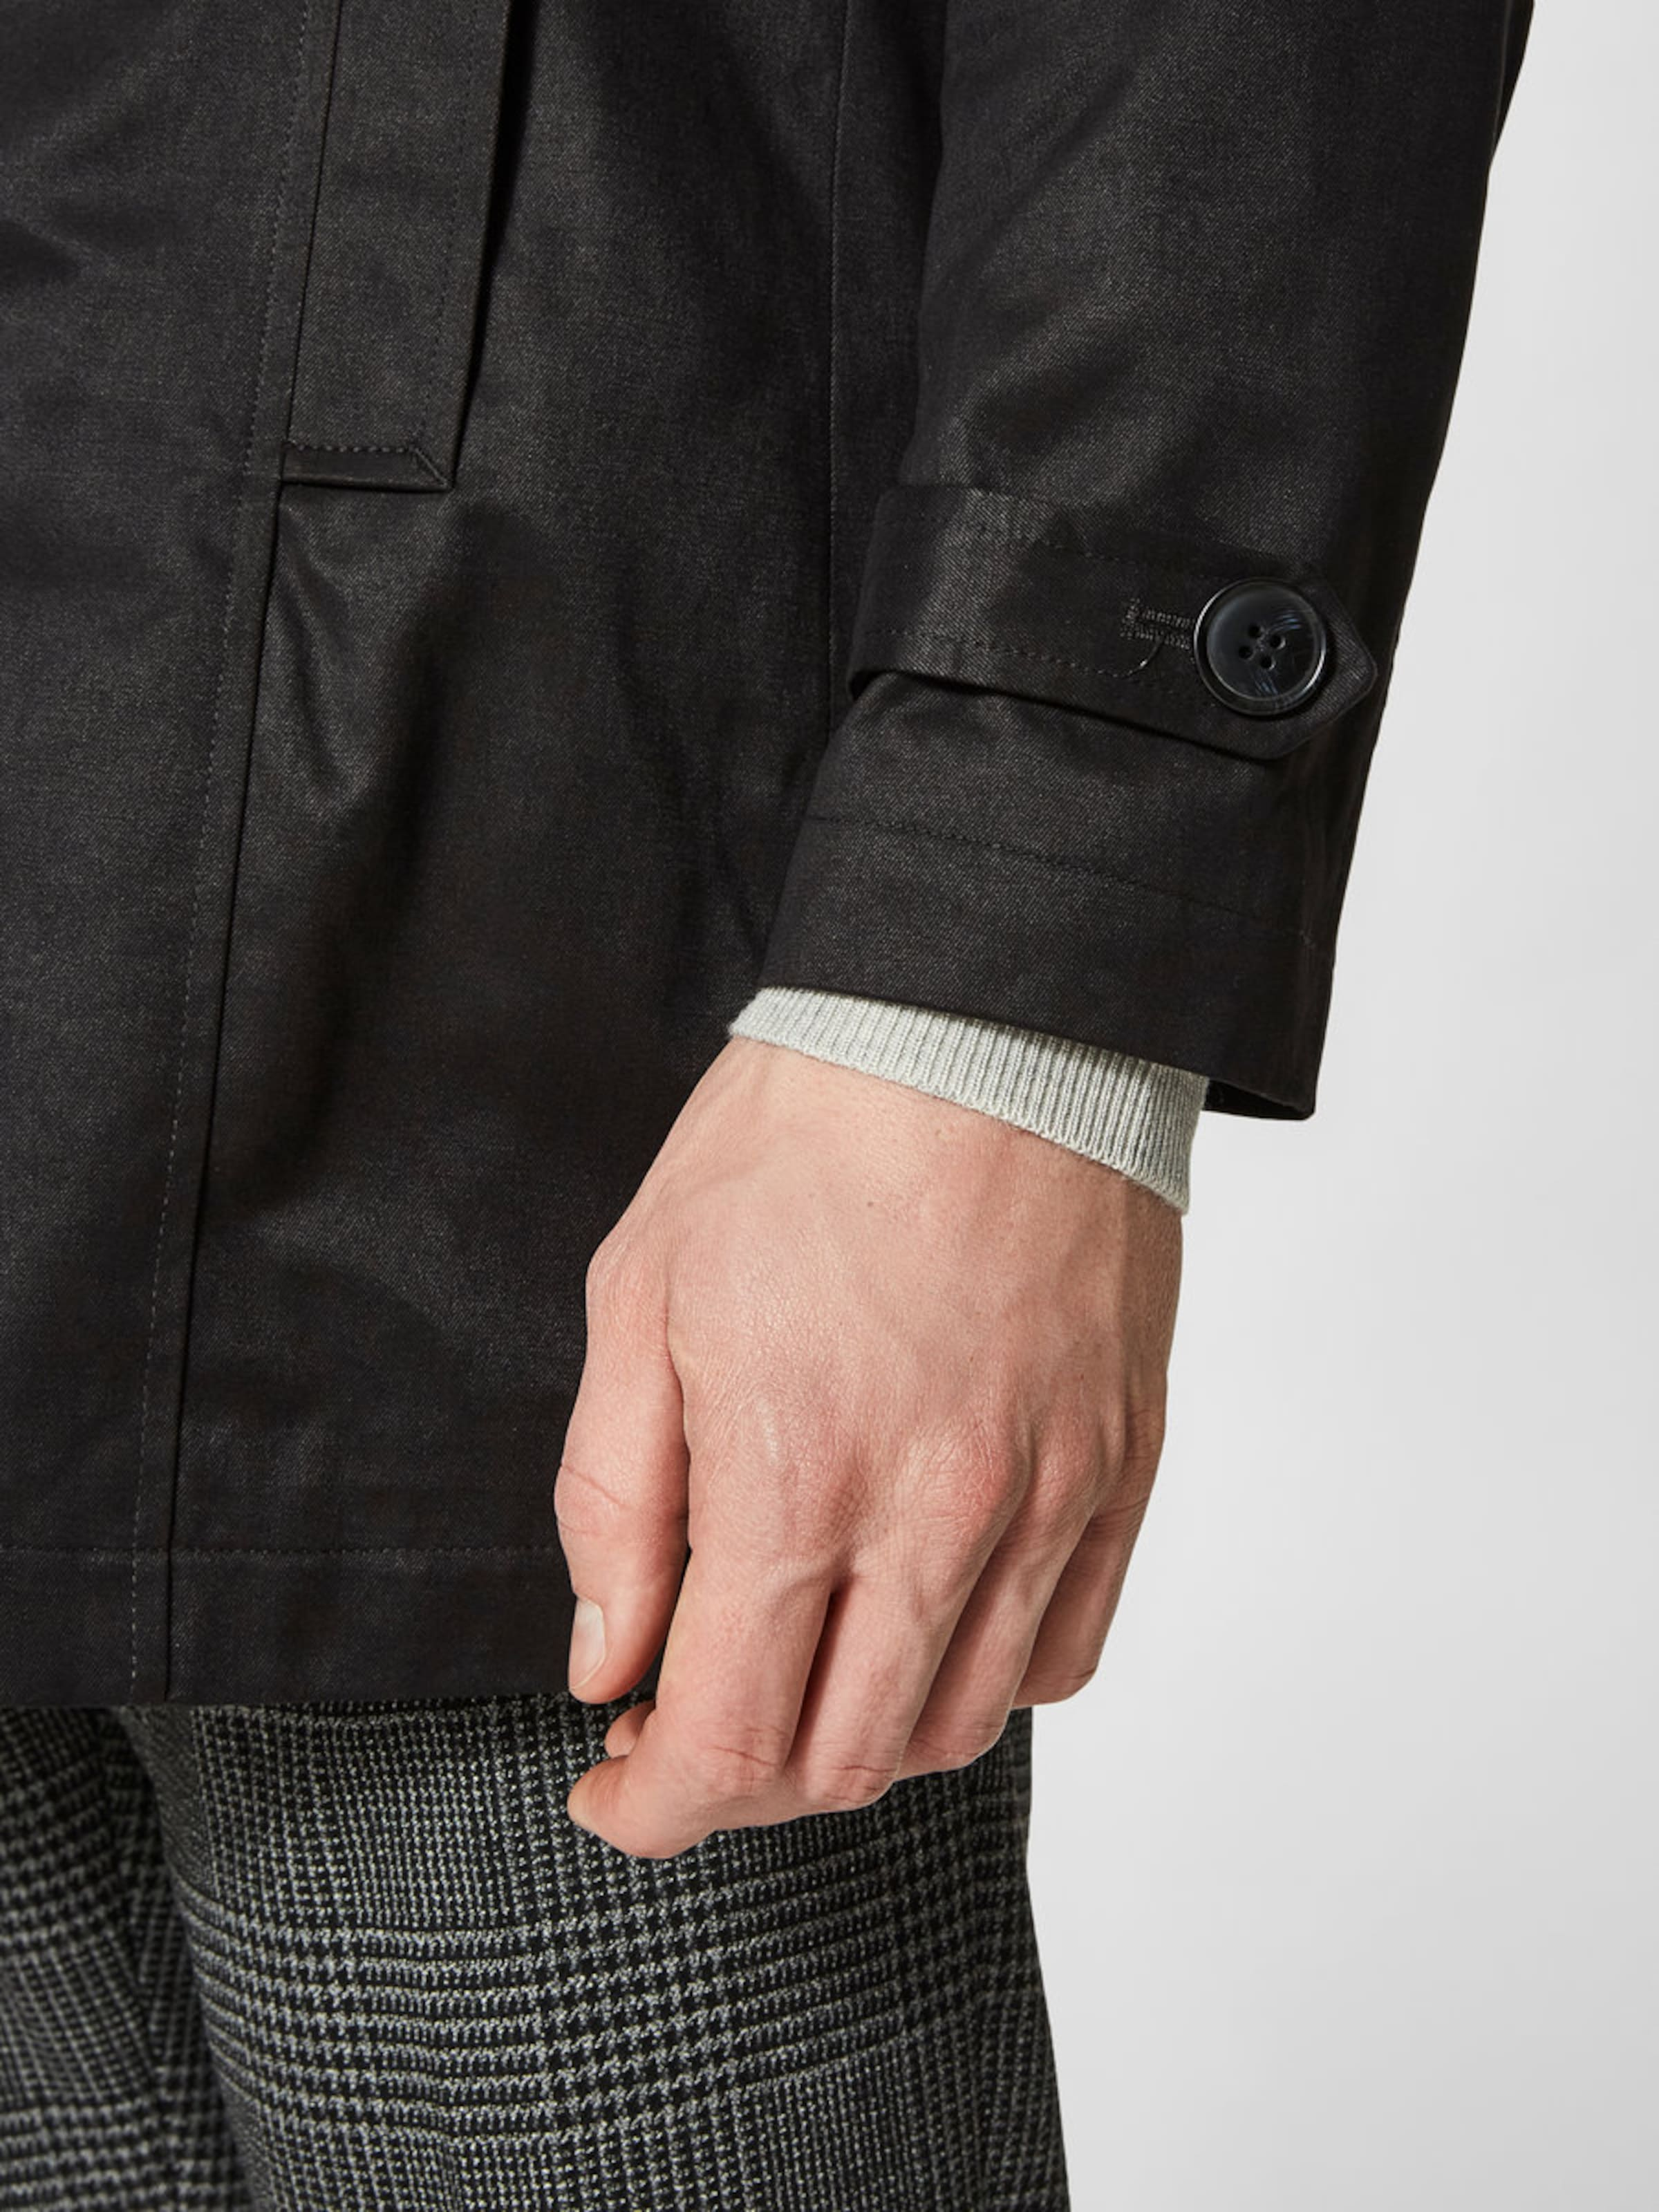 SELECTED HOMME In regulärer Passform geschnittener Trenchcoat 2018 Neue Niedrig Versandkosten Günstig Online 8OaS6M1Lot